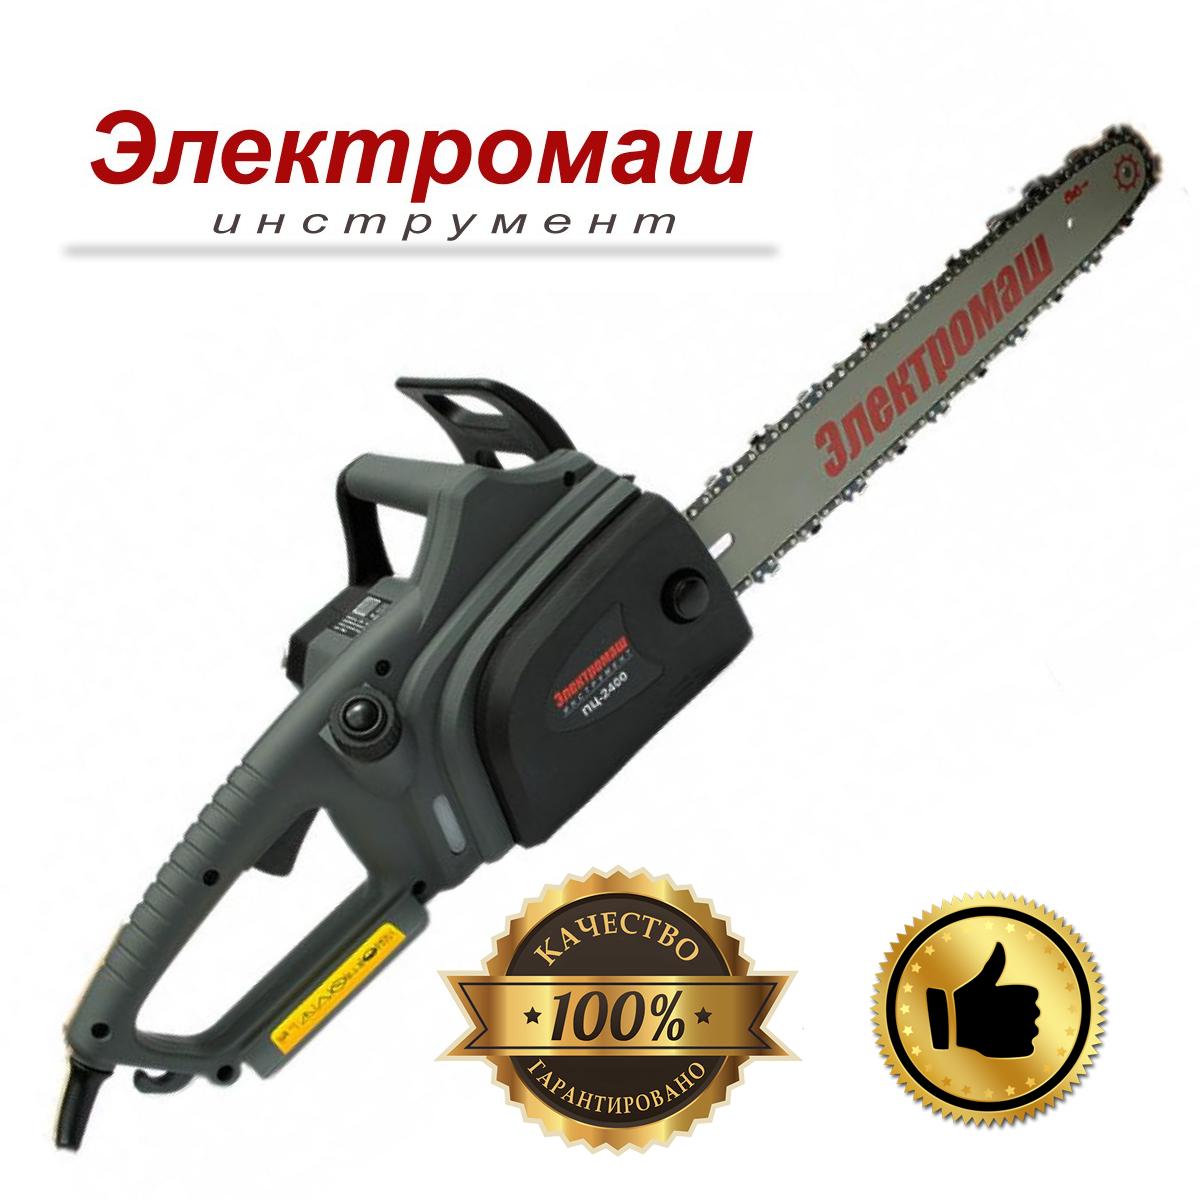 Електропила Електромаш ПЦ-2400